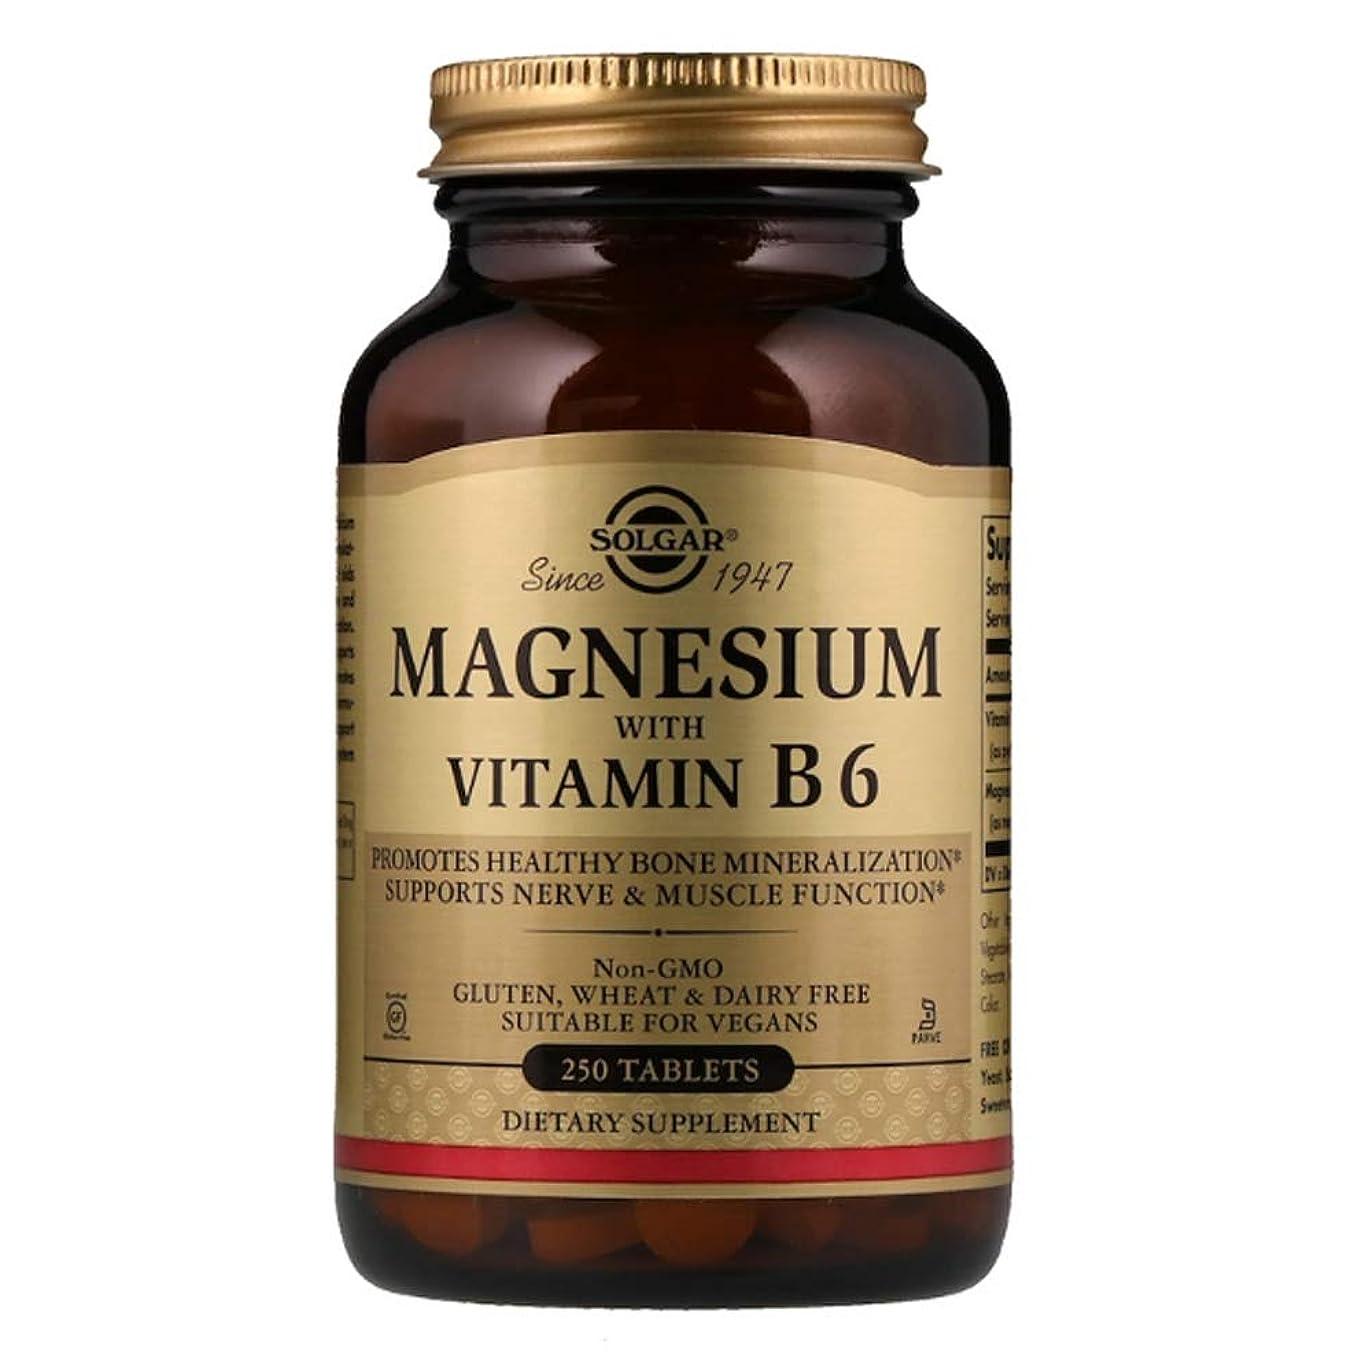 シャークゴールドドロップSolgar マグネシウム ビタミン B6 配合 250錠 【アメリカ直送】